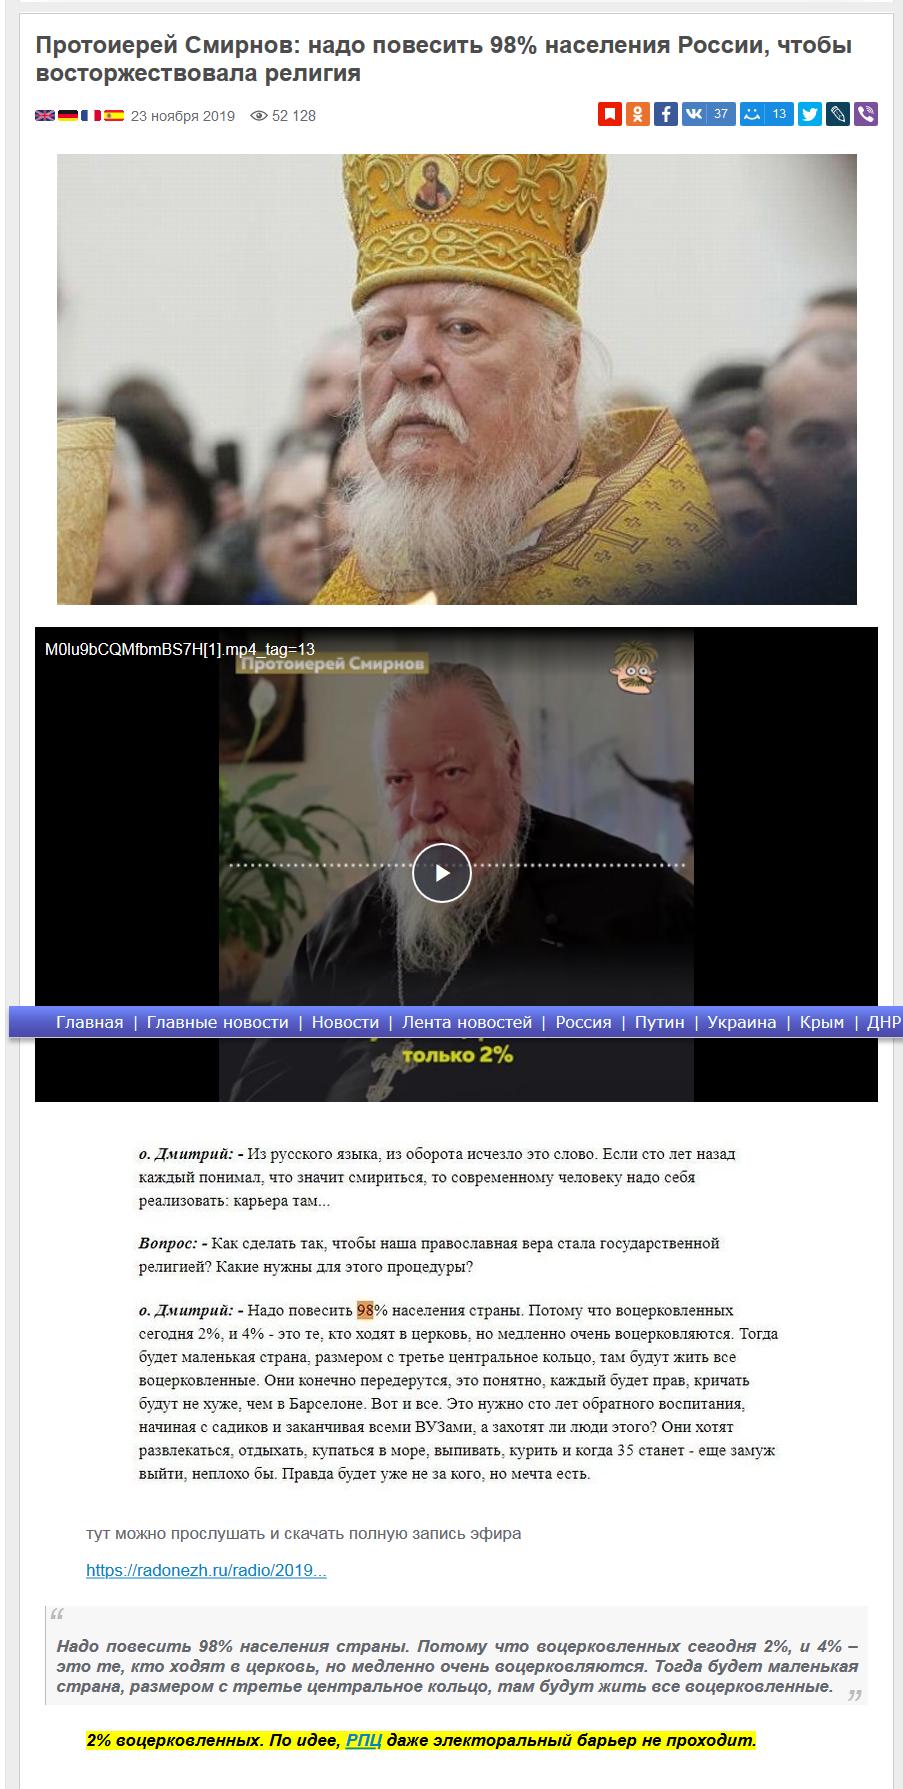 Screenshot_2020-02-02 Протоиерей Димитрий Смирнов надо повесить 98% населения России, чтобы восторжествовала религия – Ново[...]